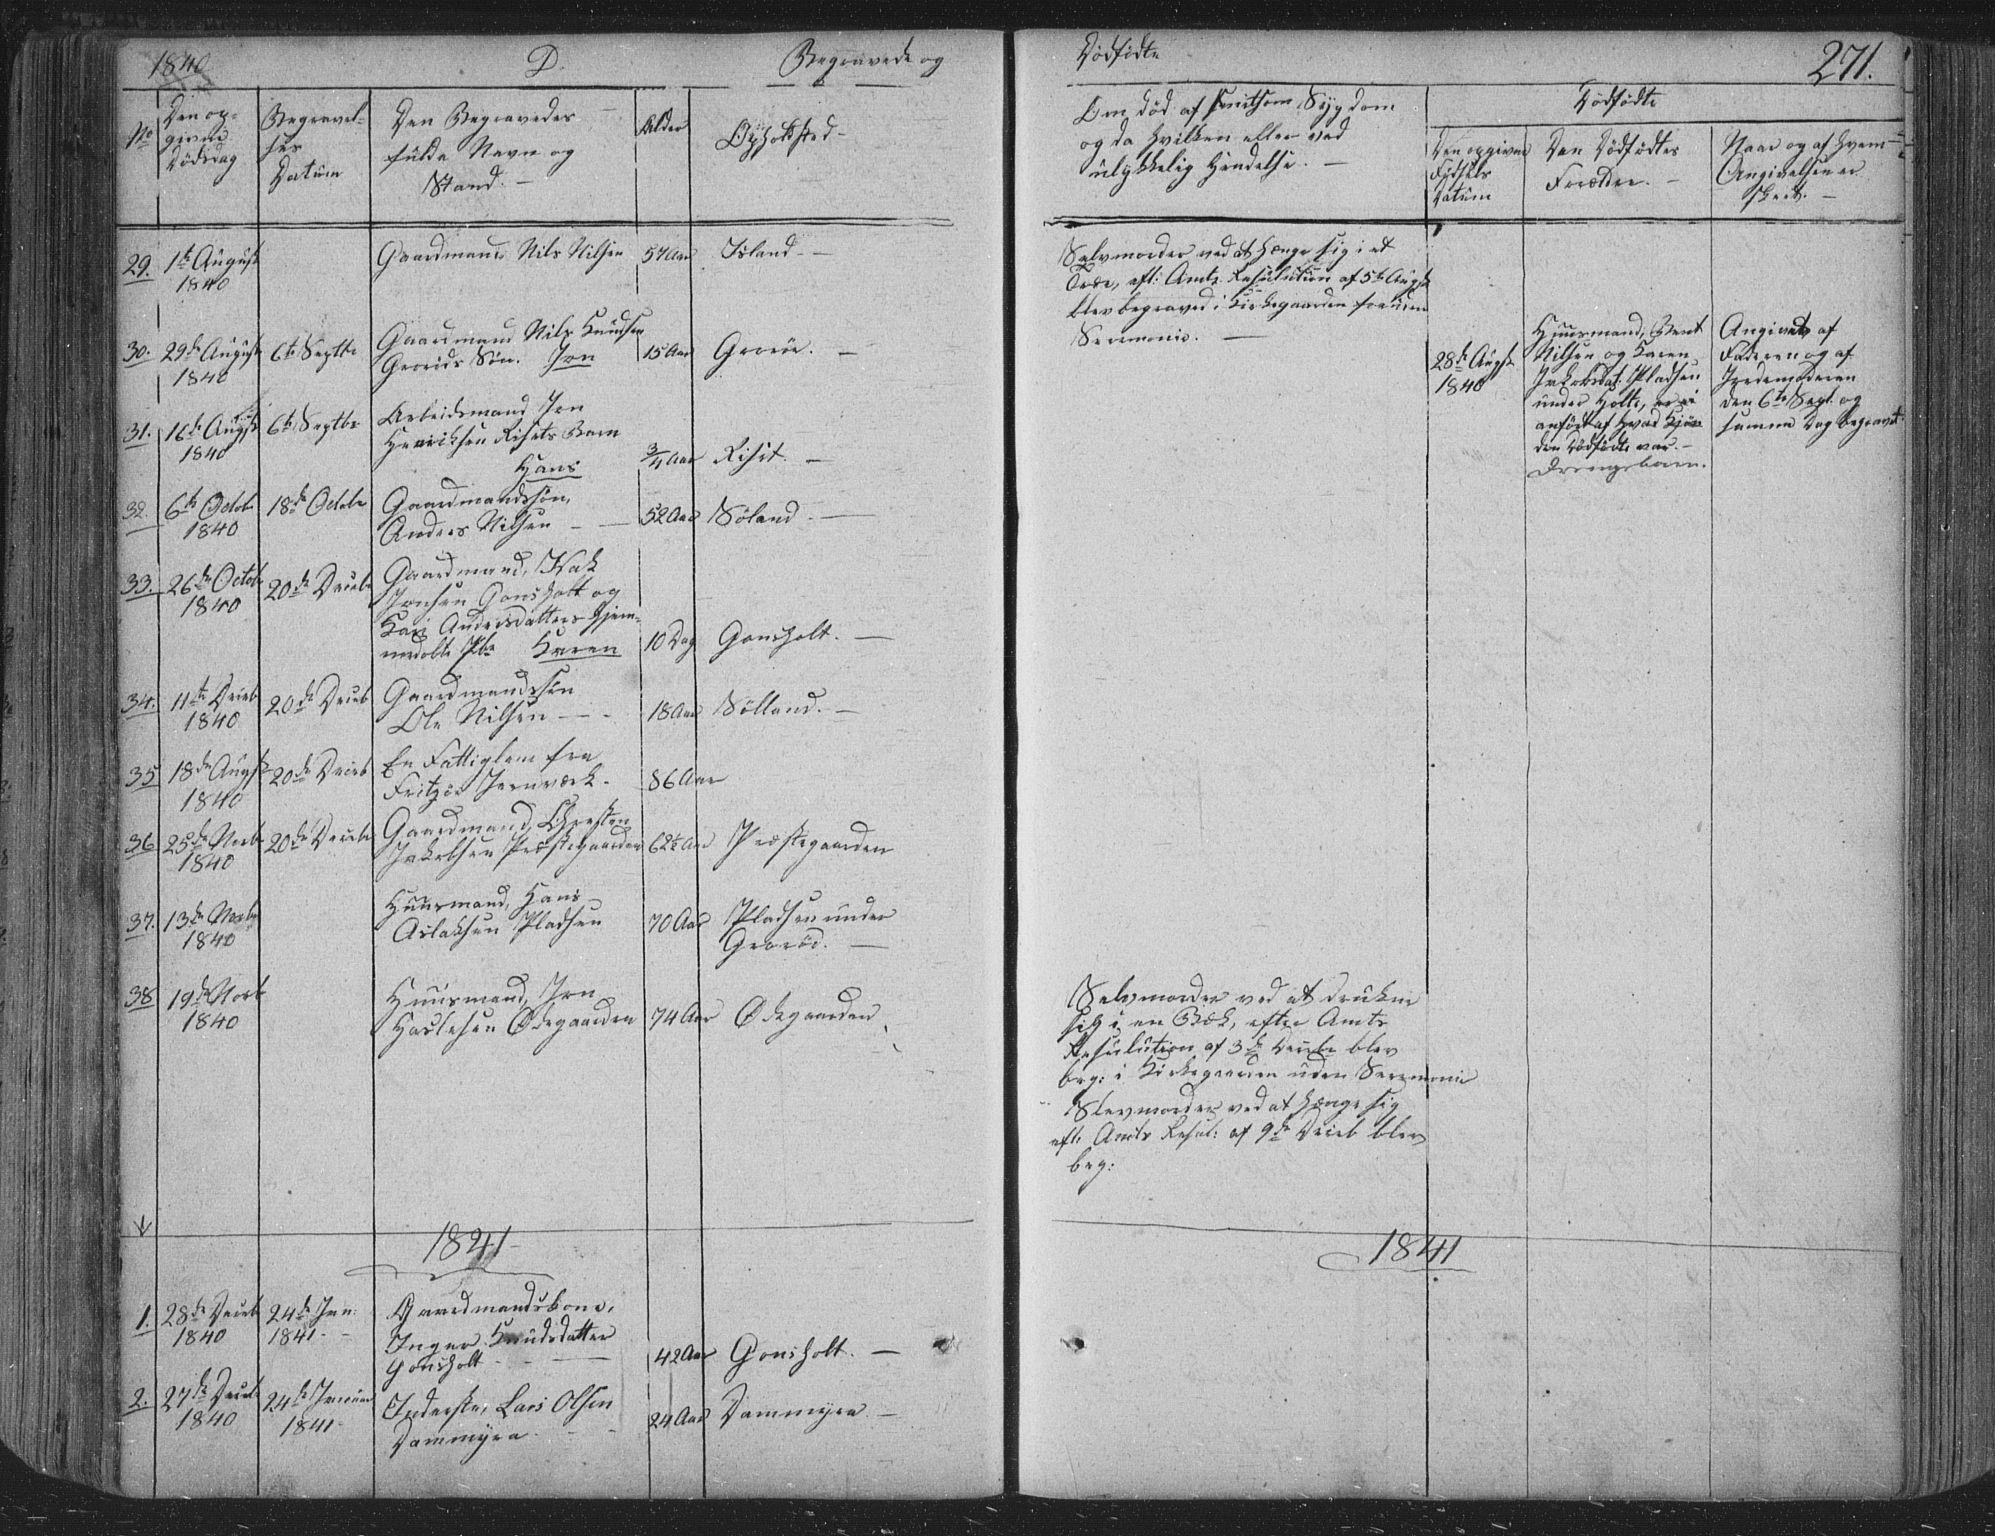 SAKO, Siljan kirkebøker, F/Fa/L0001: Ministerialbok nr. 1, 1831-1870, s. 271